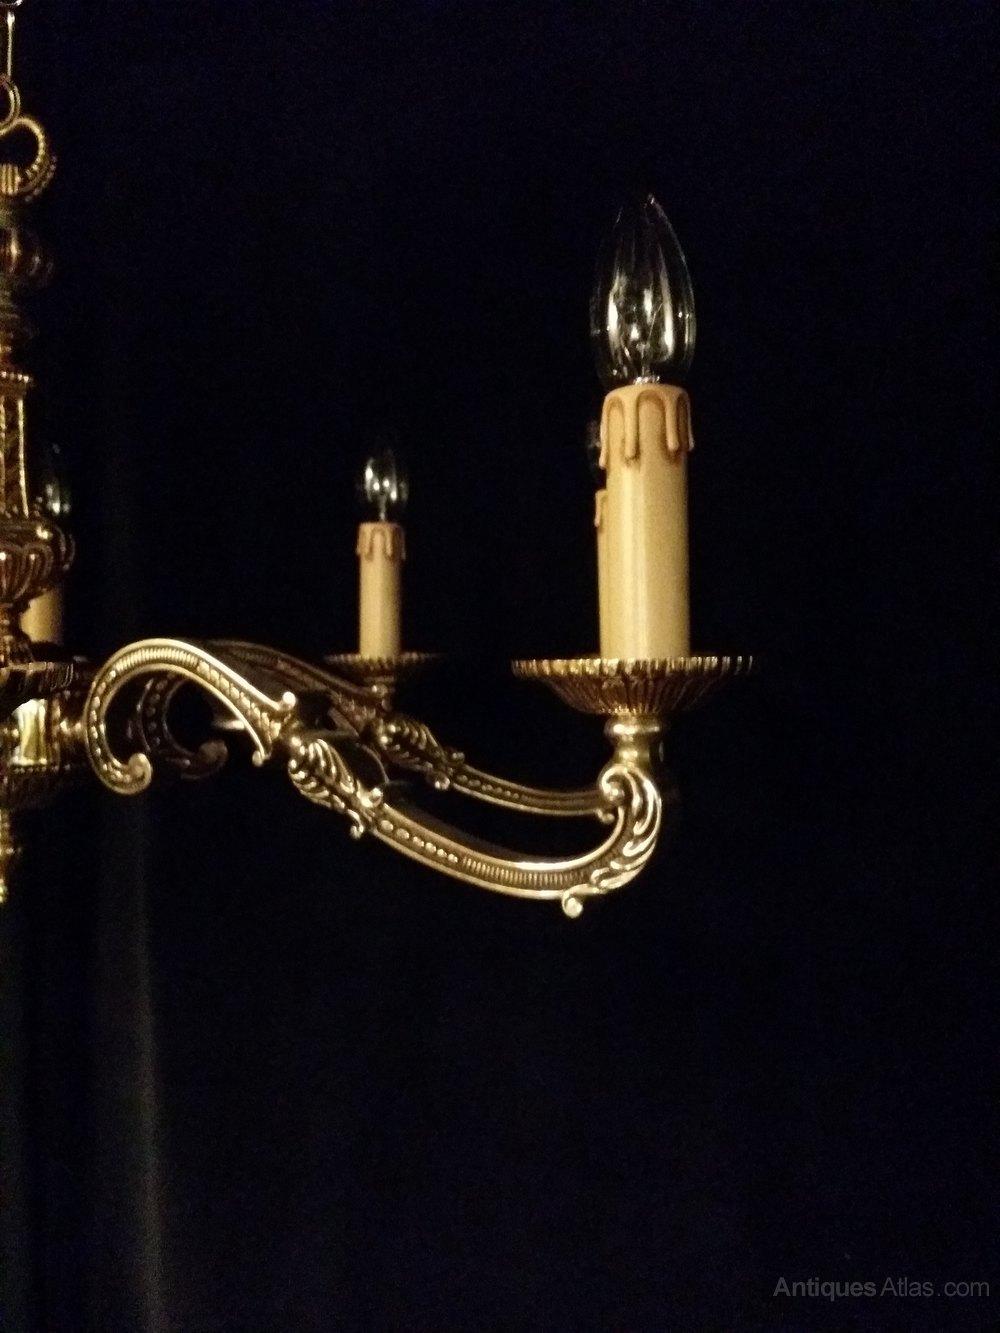 Antiques Atlas Antique Brass Chandelier